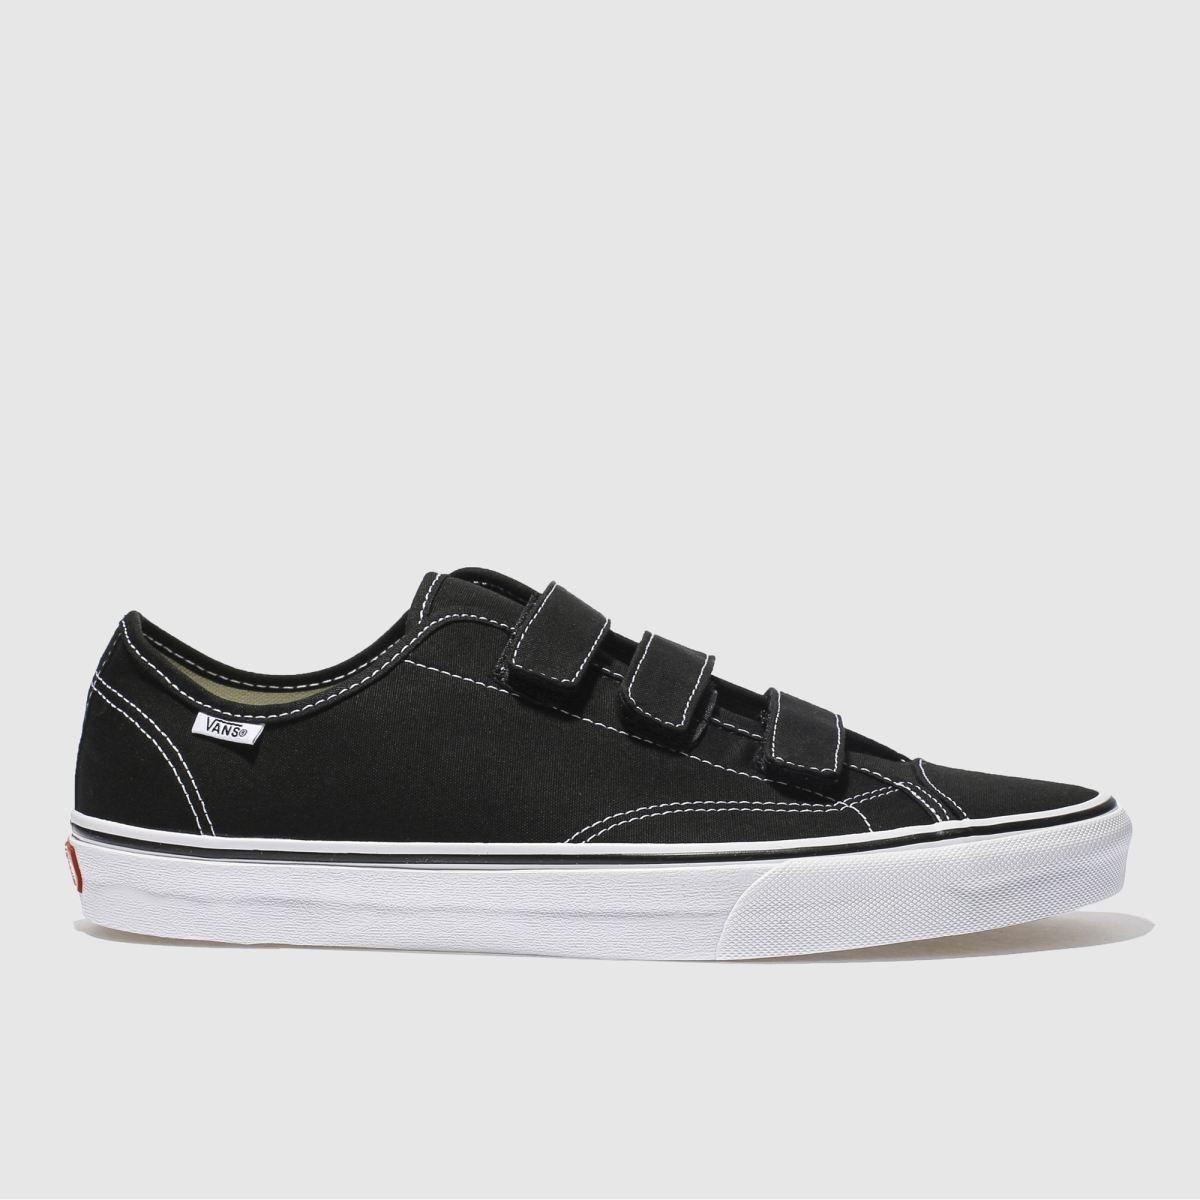 vans black & white style 23 v trainers